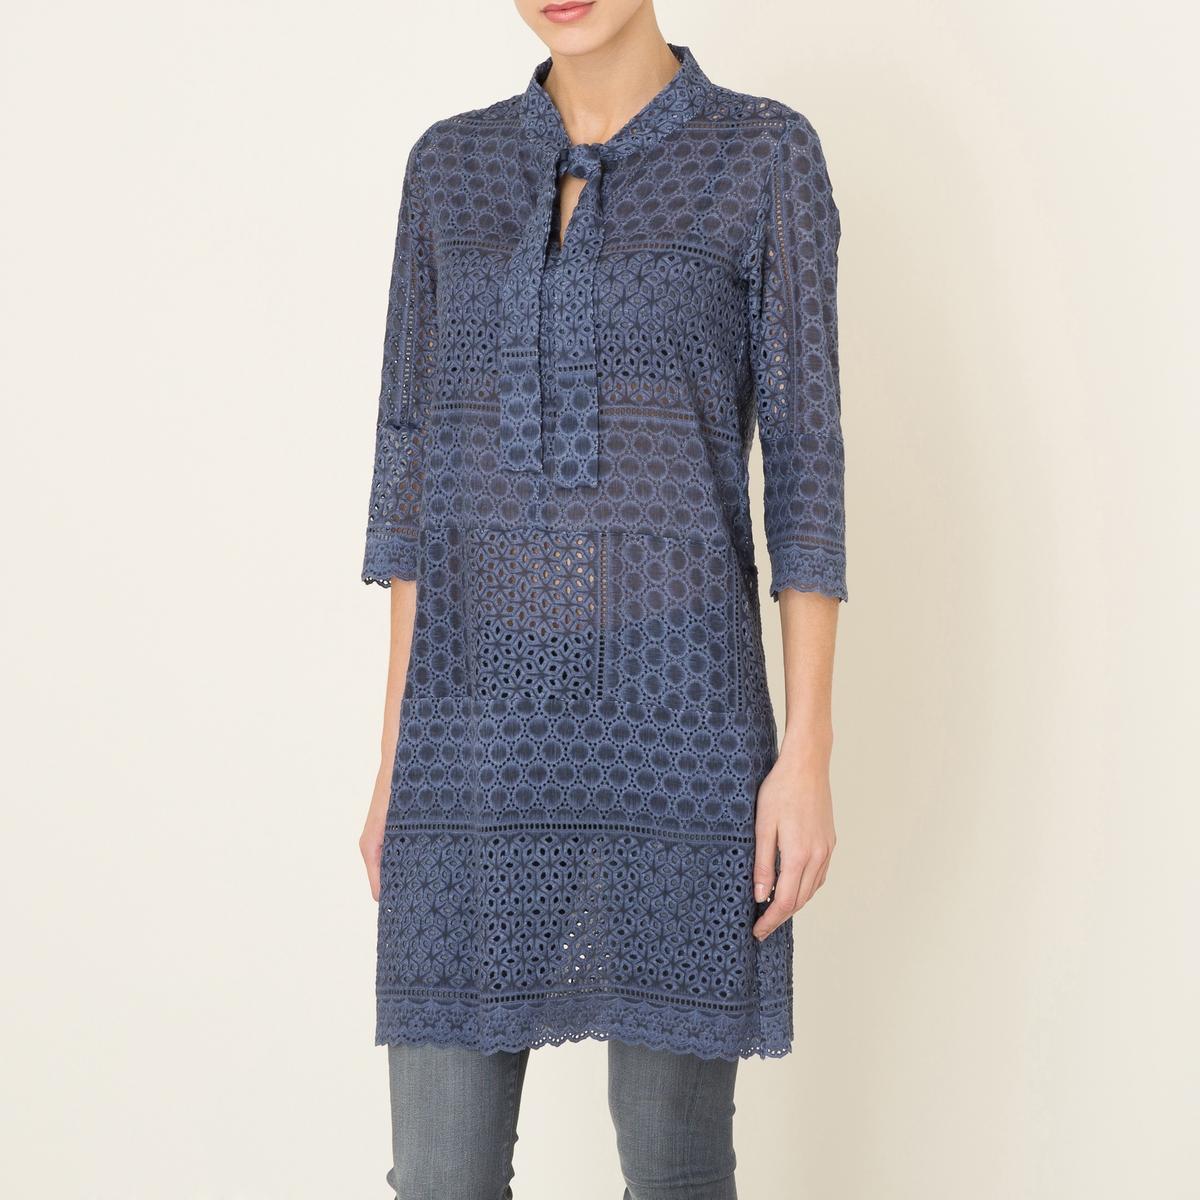 Платье TACEYПлатье VALERIE KHALFON, модель TACEY. Вырез с галстуком-бантом. Длинные рукава. Вышивка и сплошной ажурный эффект. Прямой покрой.Состав и описание Материал : 70% хлопок, 30% шелкМарка : VALERIE KHALFON<br><br>Цвет: синий джинсовый<br>Размер: 38 (FR) - 44 (RUS)